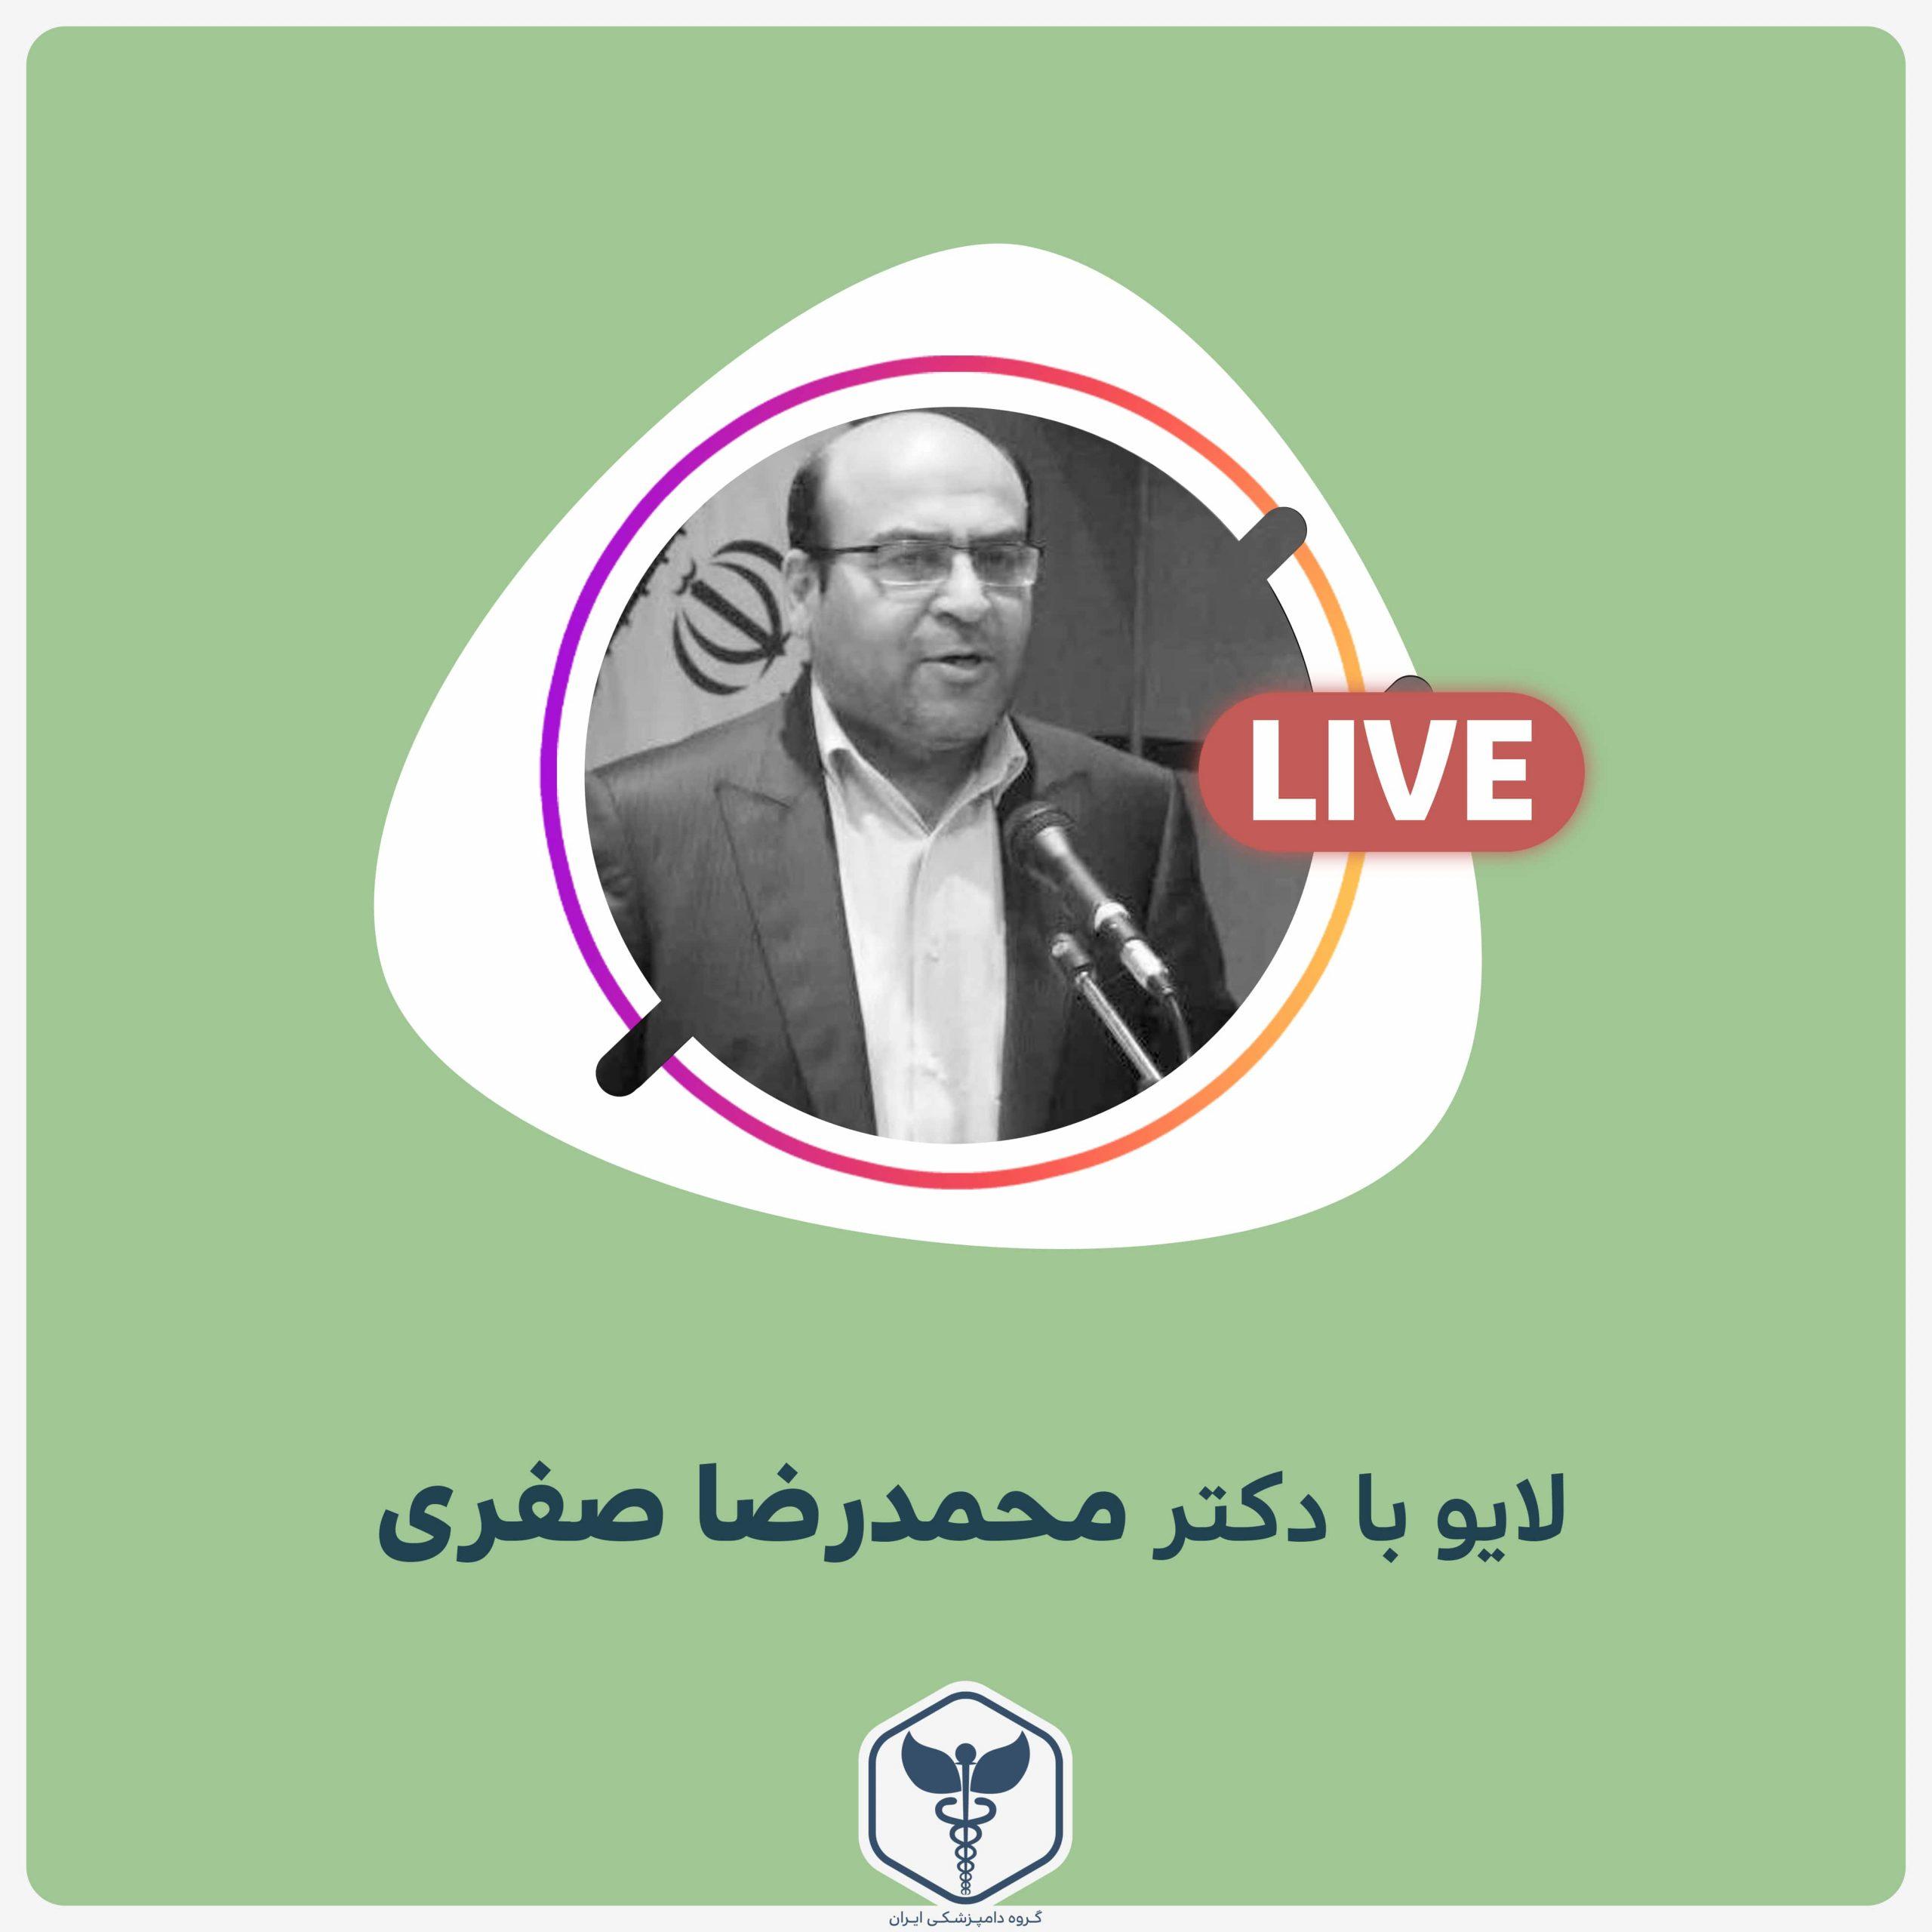 گفت و گو با دکتر محمدرضا صفری؛ گروه دامپزشکی ایران